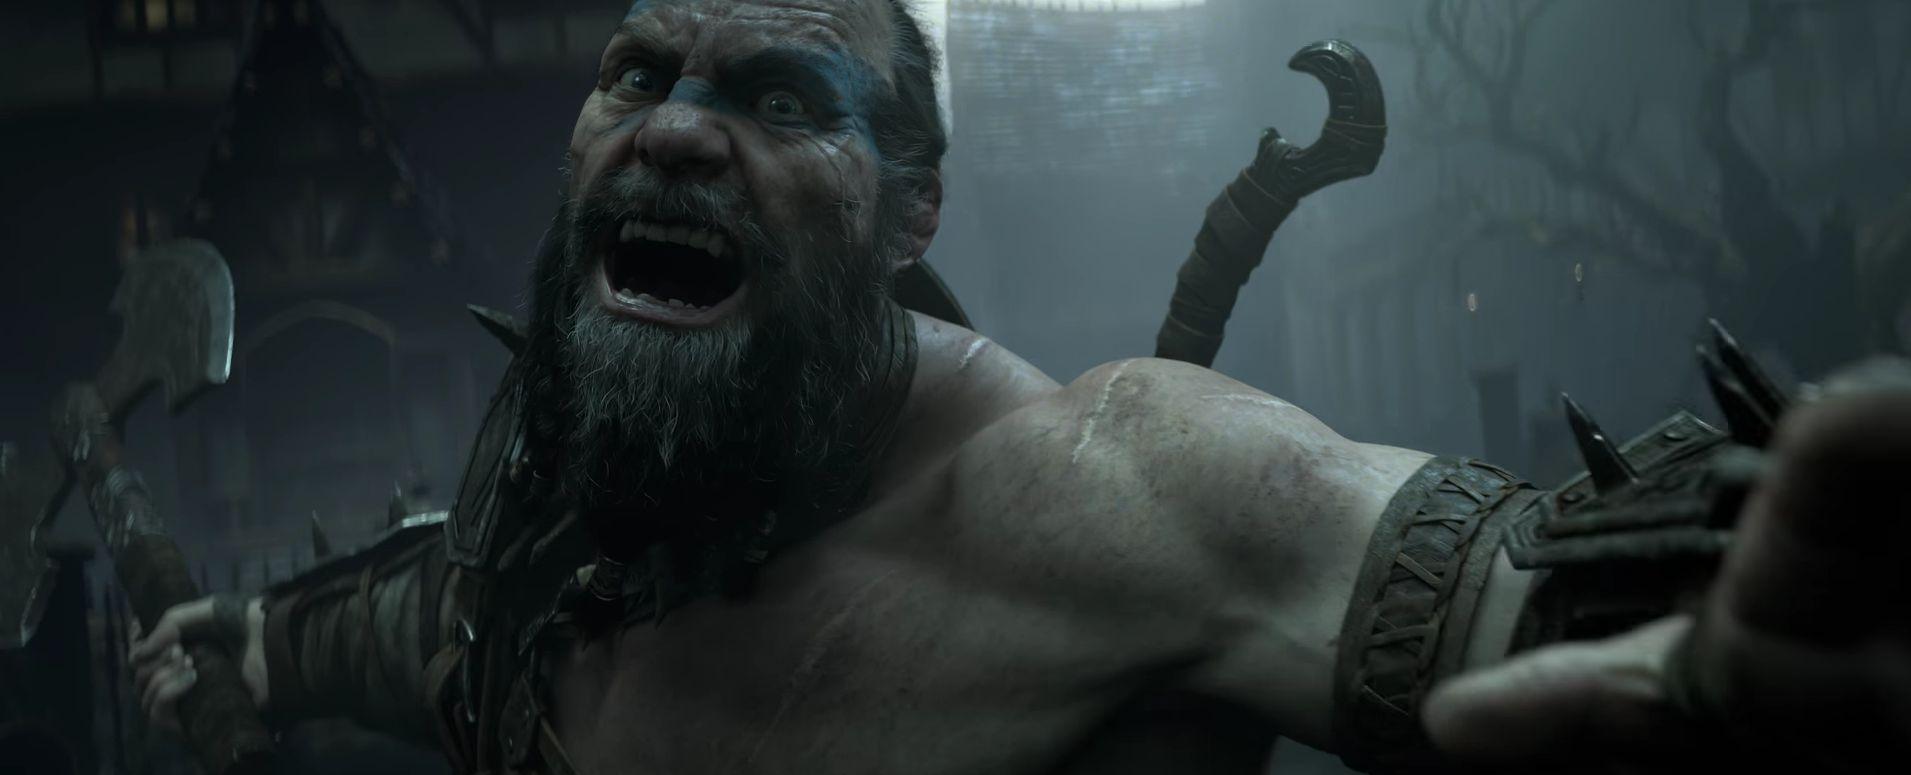 Morhaime erklärt Fiasko mit Diablo 4 und Immortal auf der BlizzCon 2018